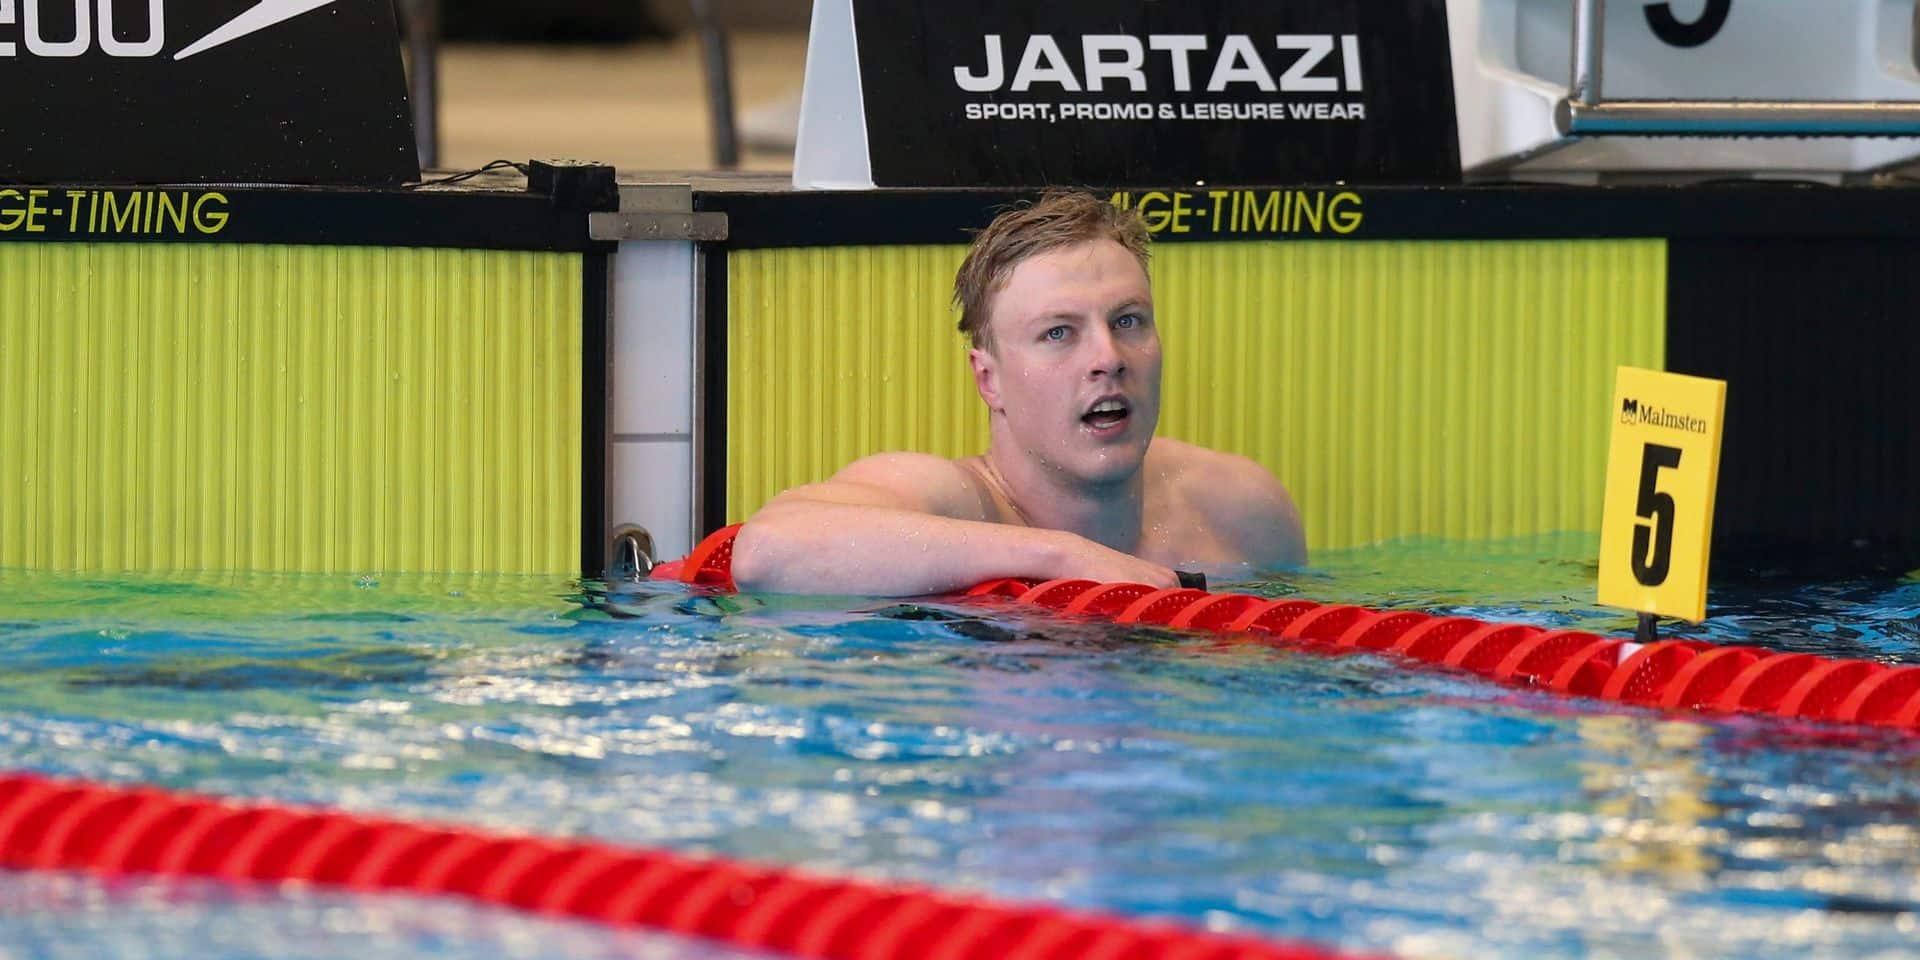 Euro de natation: la Belgique manque la finale sur le relais 4x100m nage libre